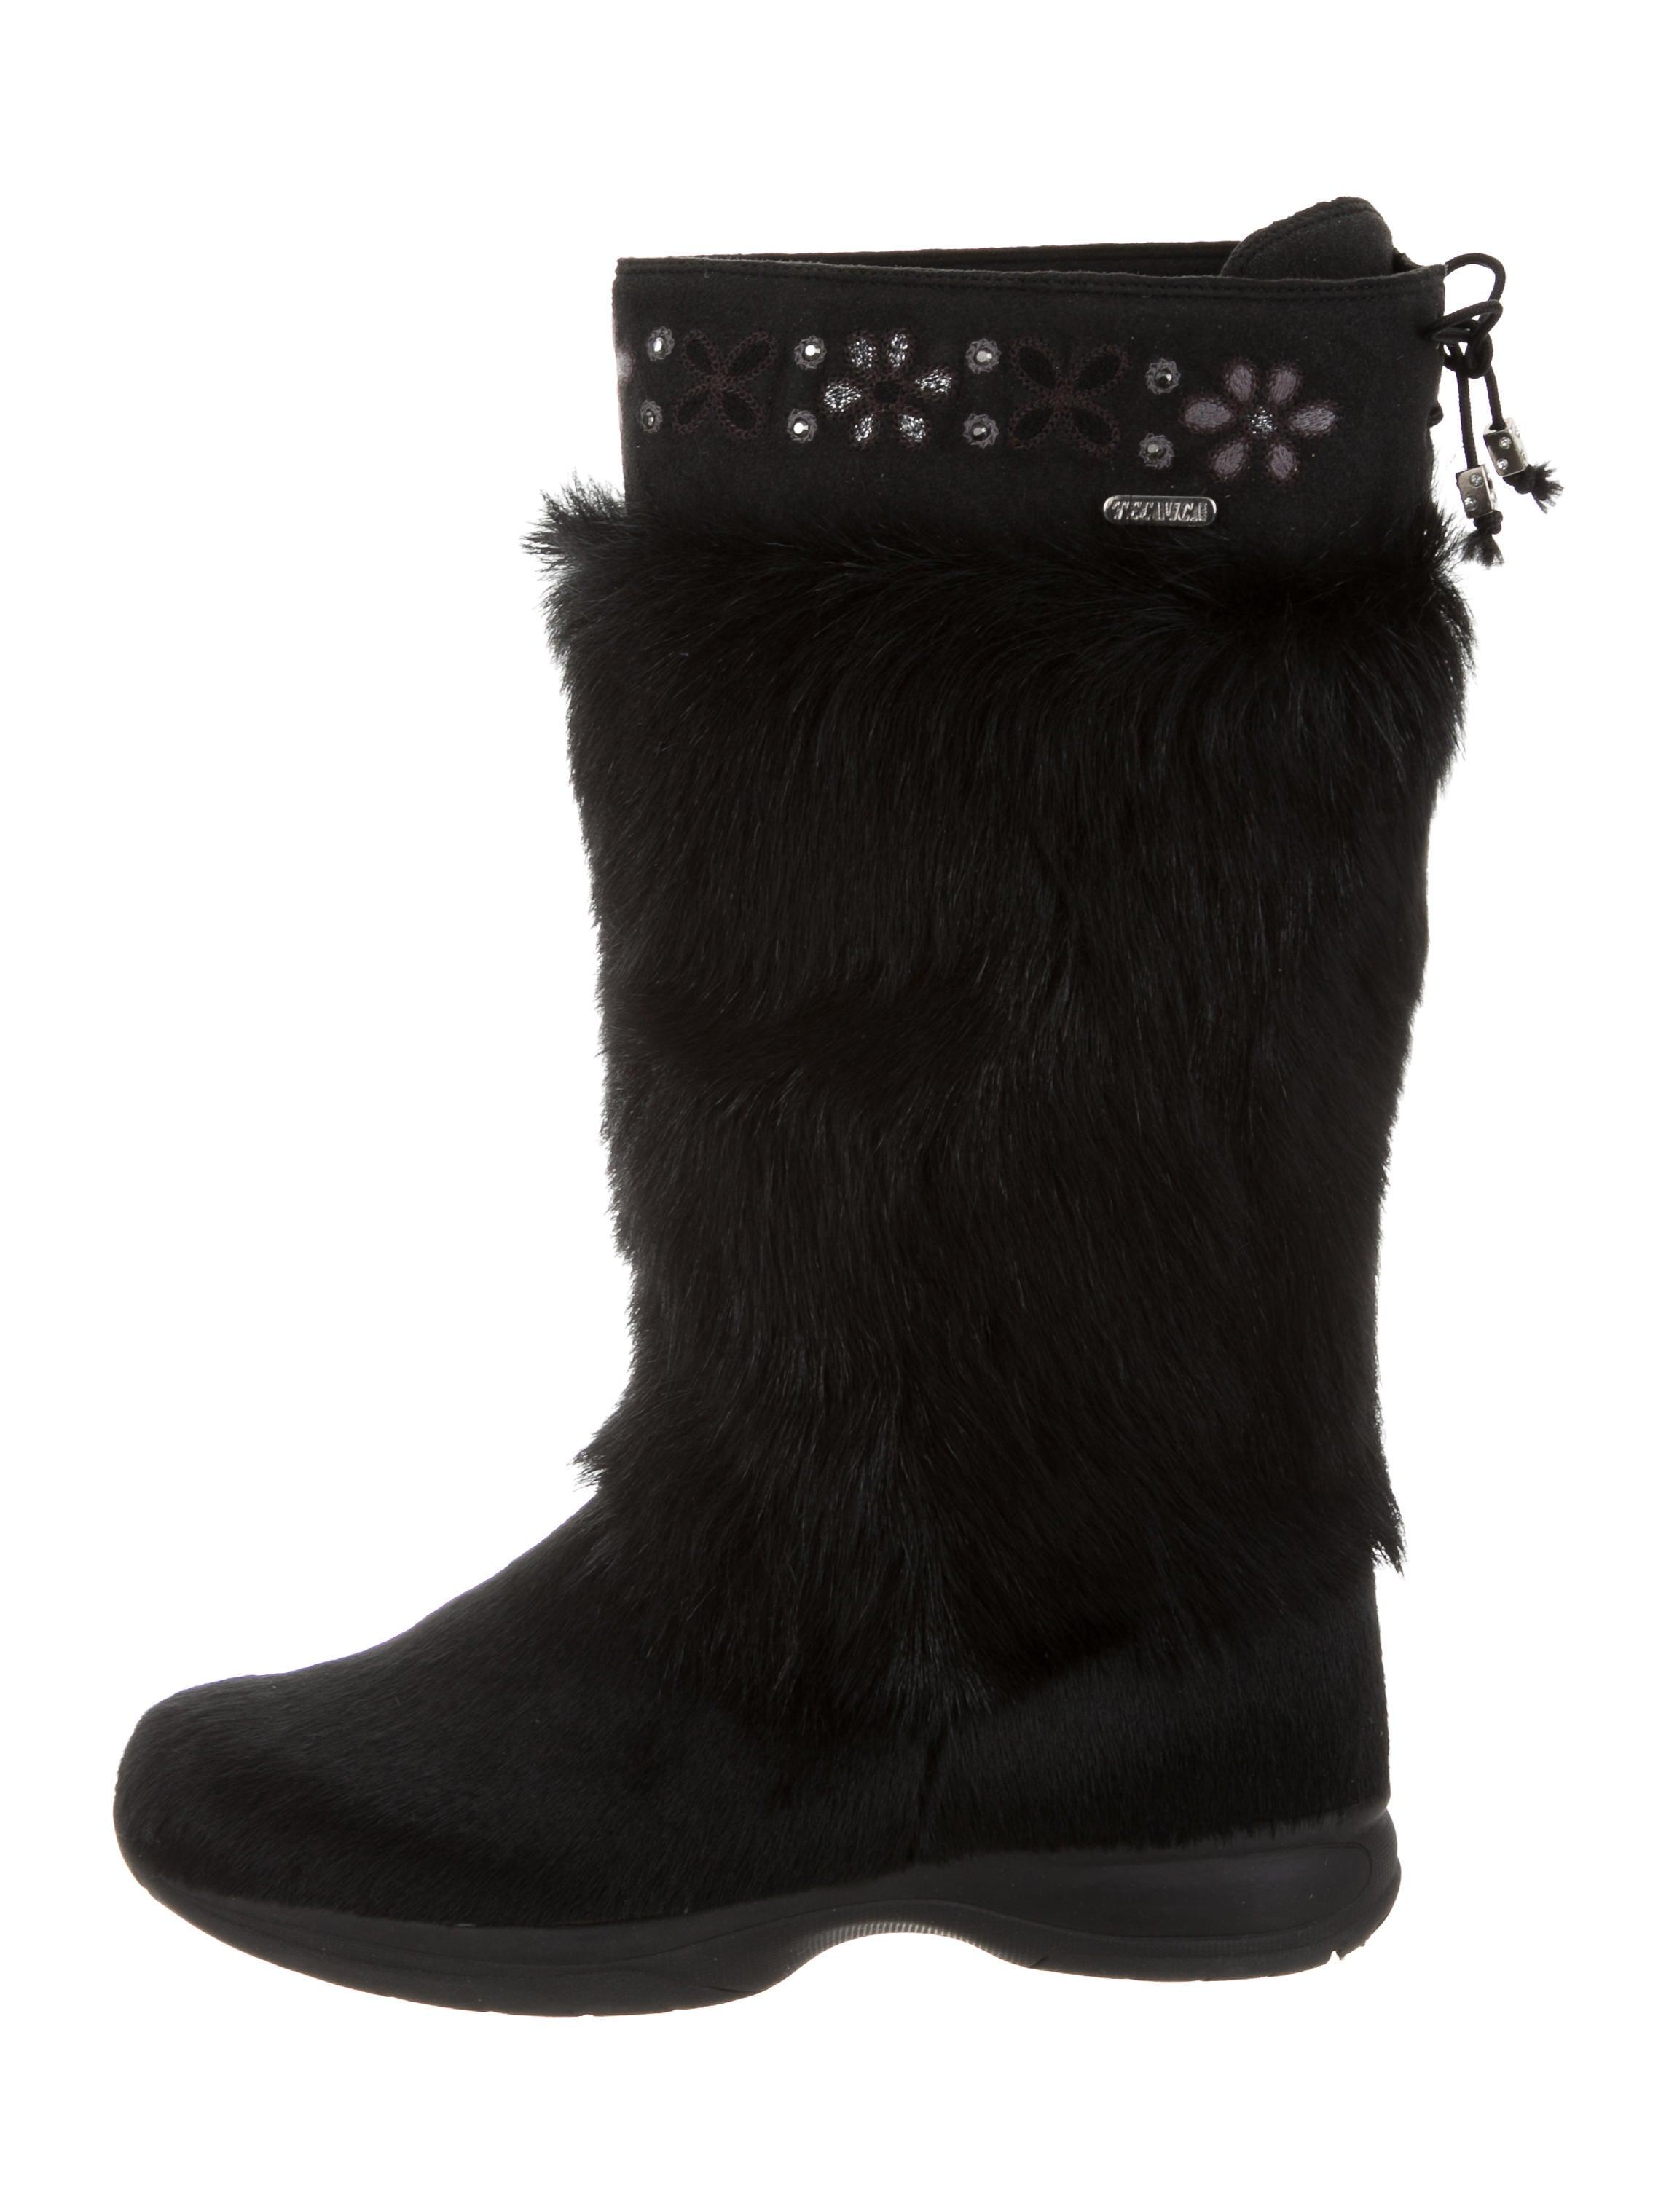 Tecnica Ponyhair Knee-High Boots cheap for cheap discount nicekicks cheap deals free shipping enjoy best cheap price UP8KIqc3H